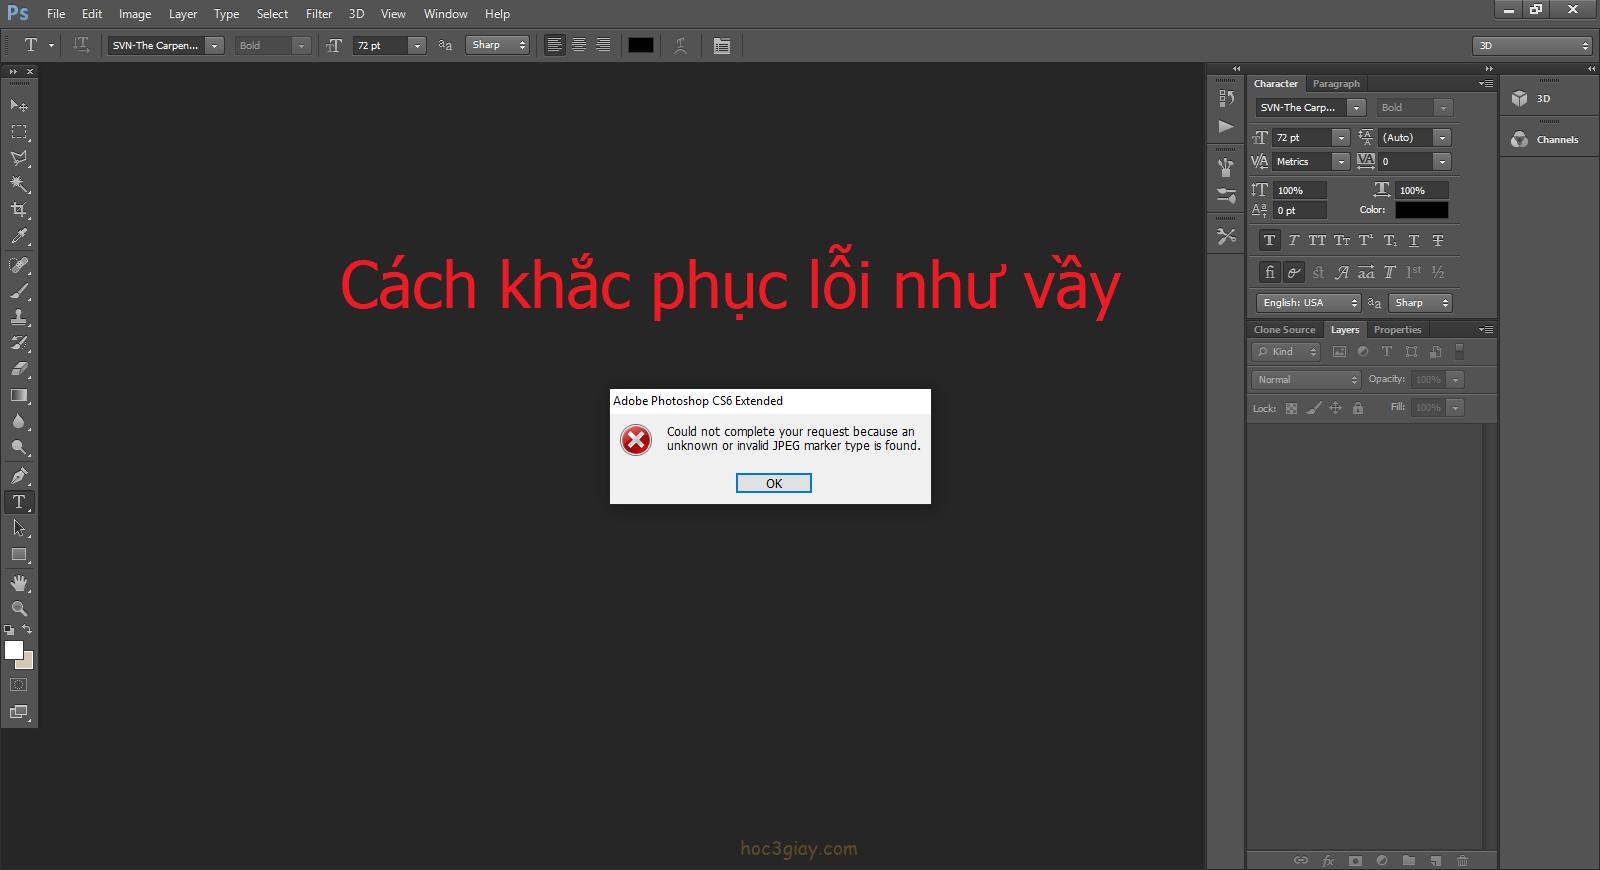 Cách khắc phục lỗi không mở được ảnh trên Photoshop